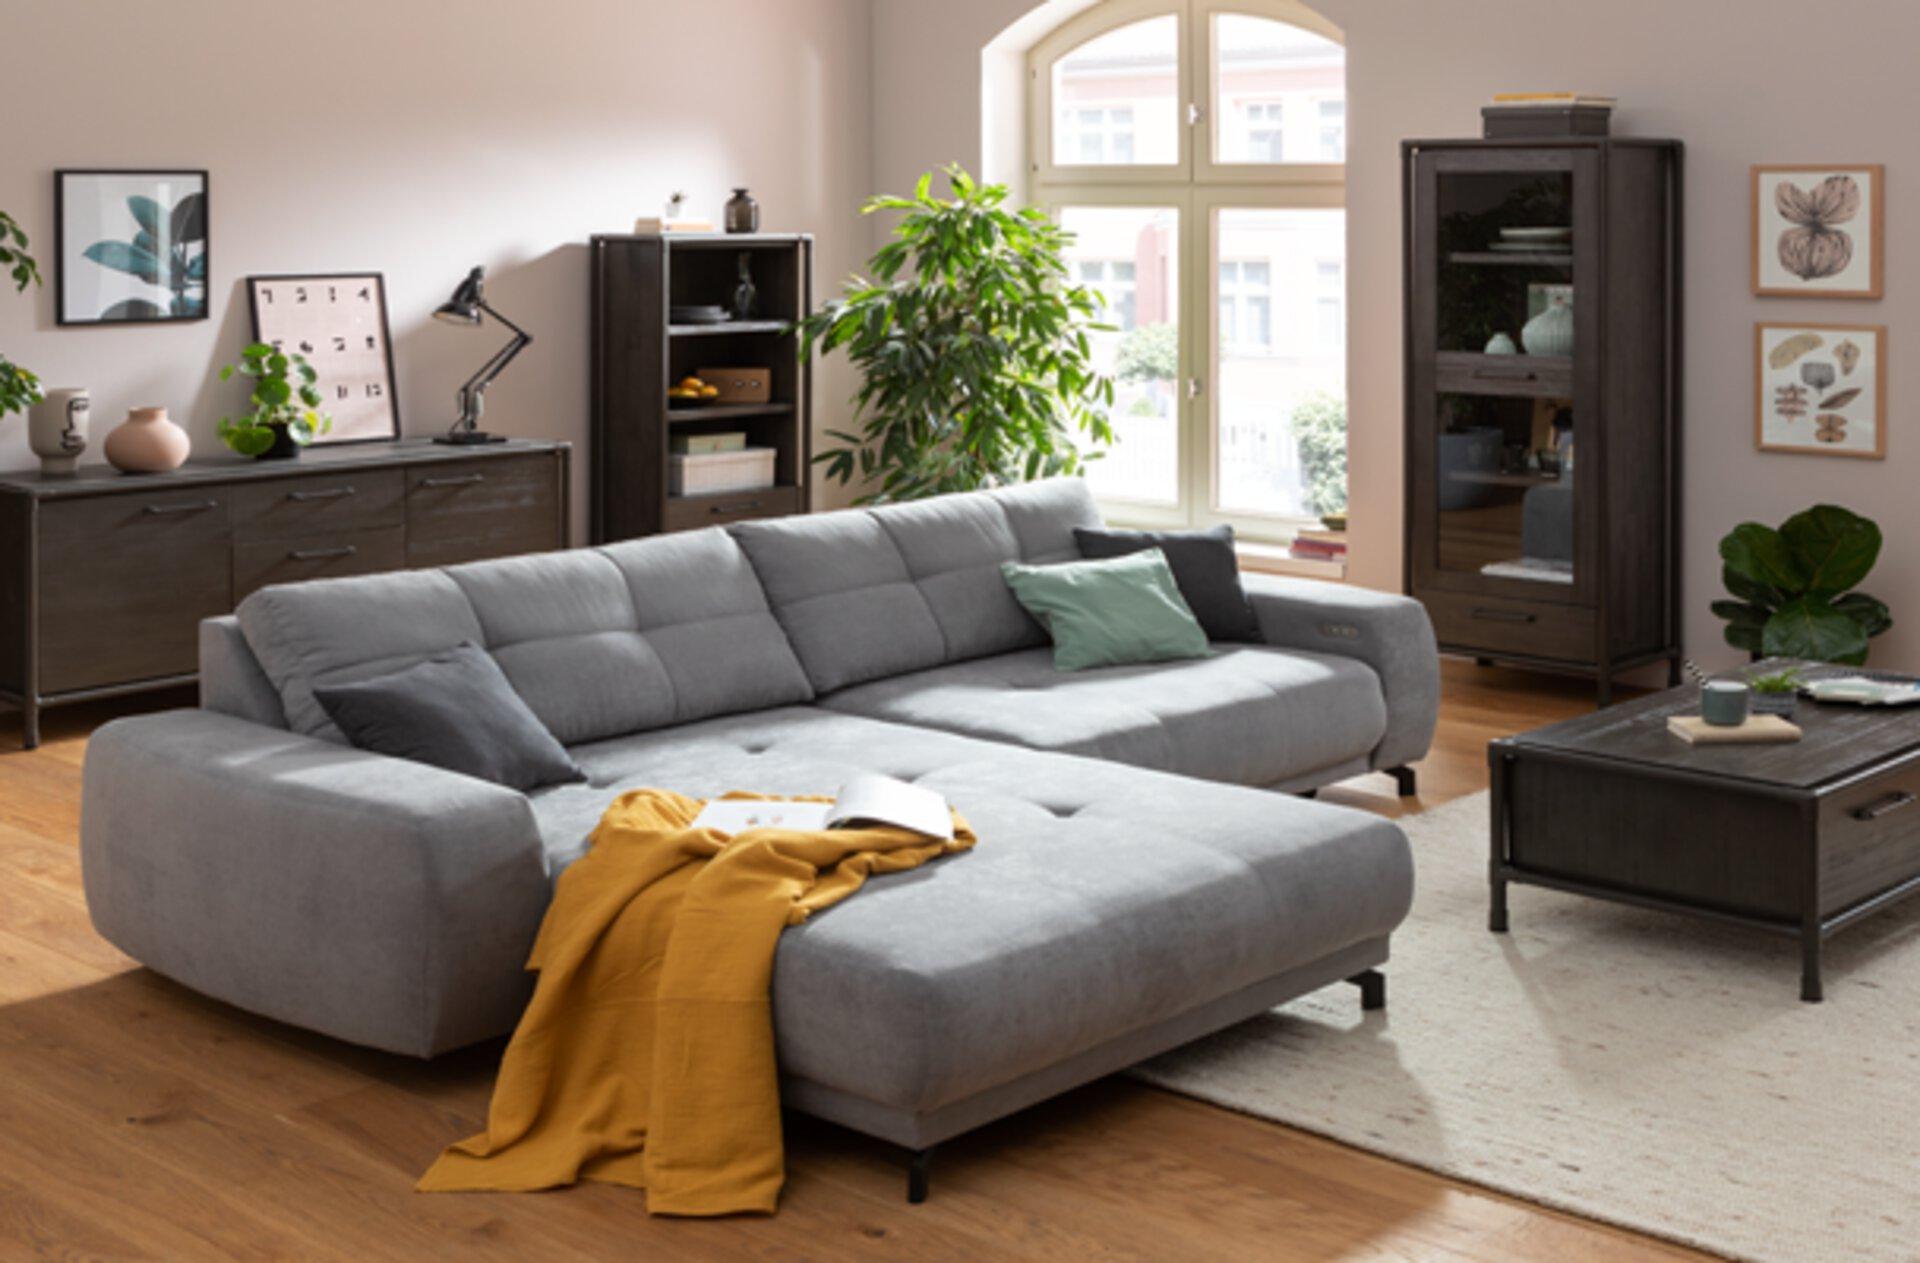 Self, Möbel Inhofer, Sofa, Couch, Wohnen, Wohnzimmer